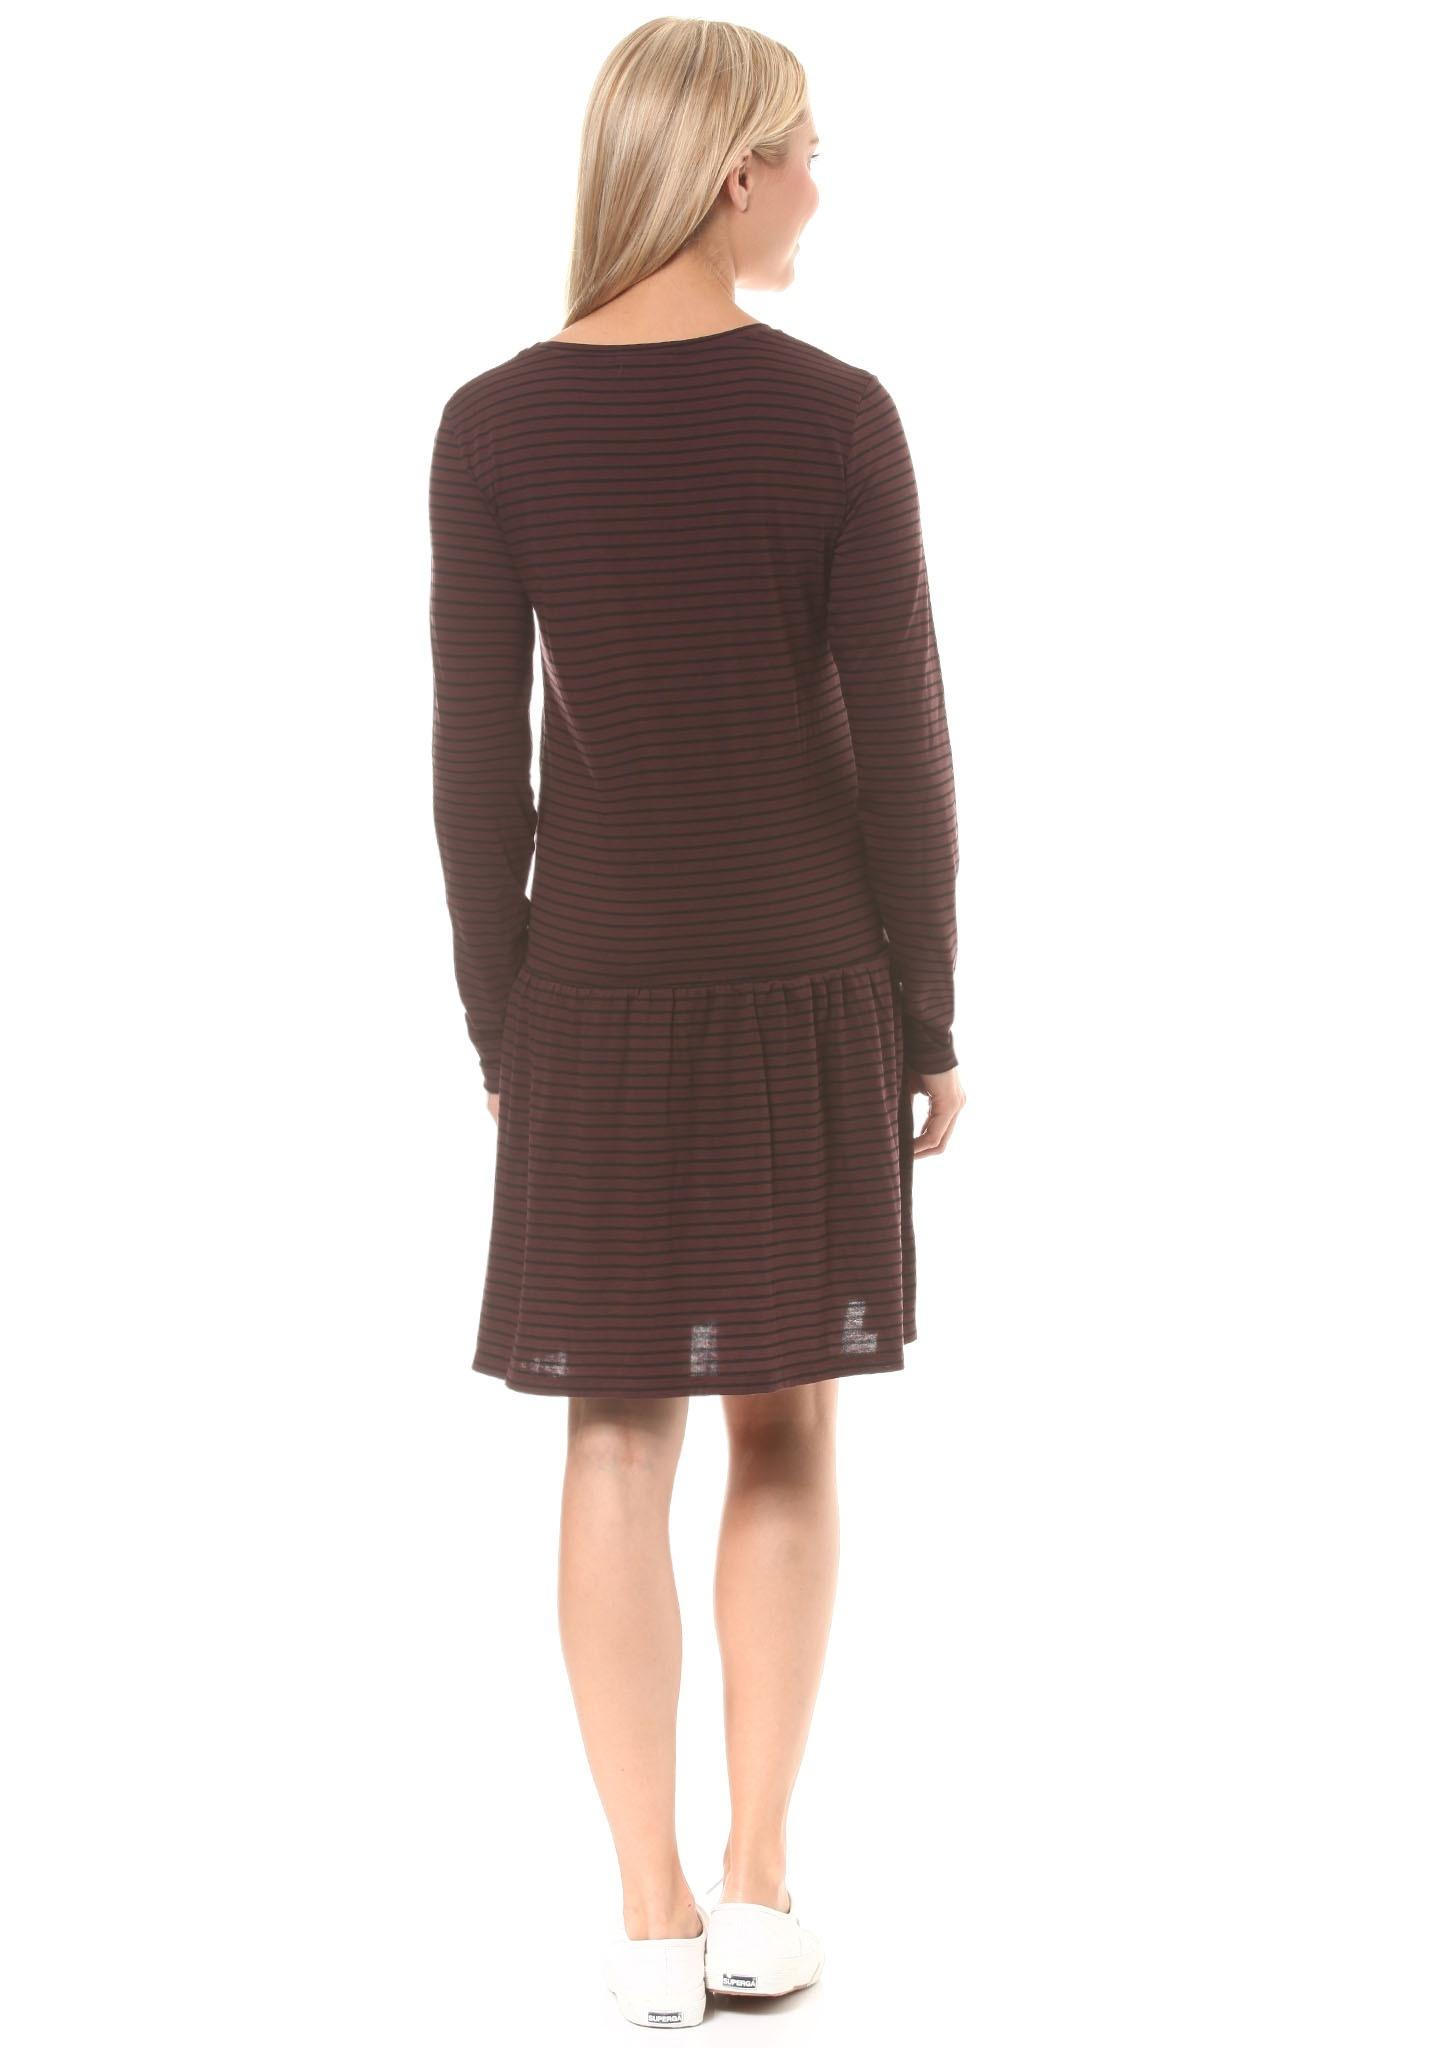 20 Luxus Rot Weißes Kleid Vertrieb10 Genial Rot Weißes Kleid Boutique